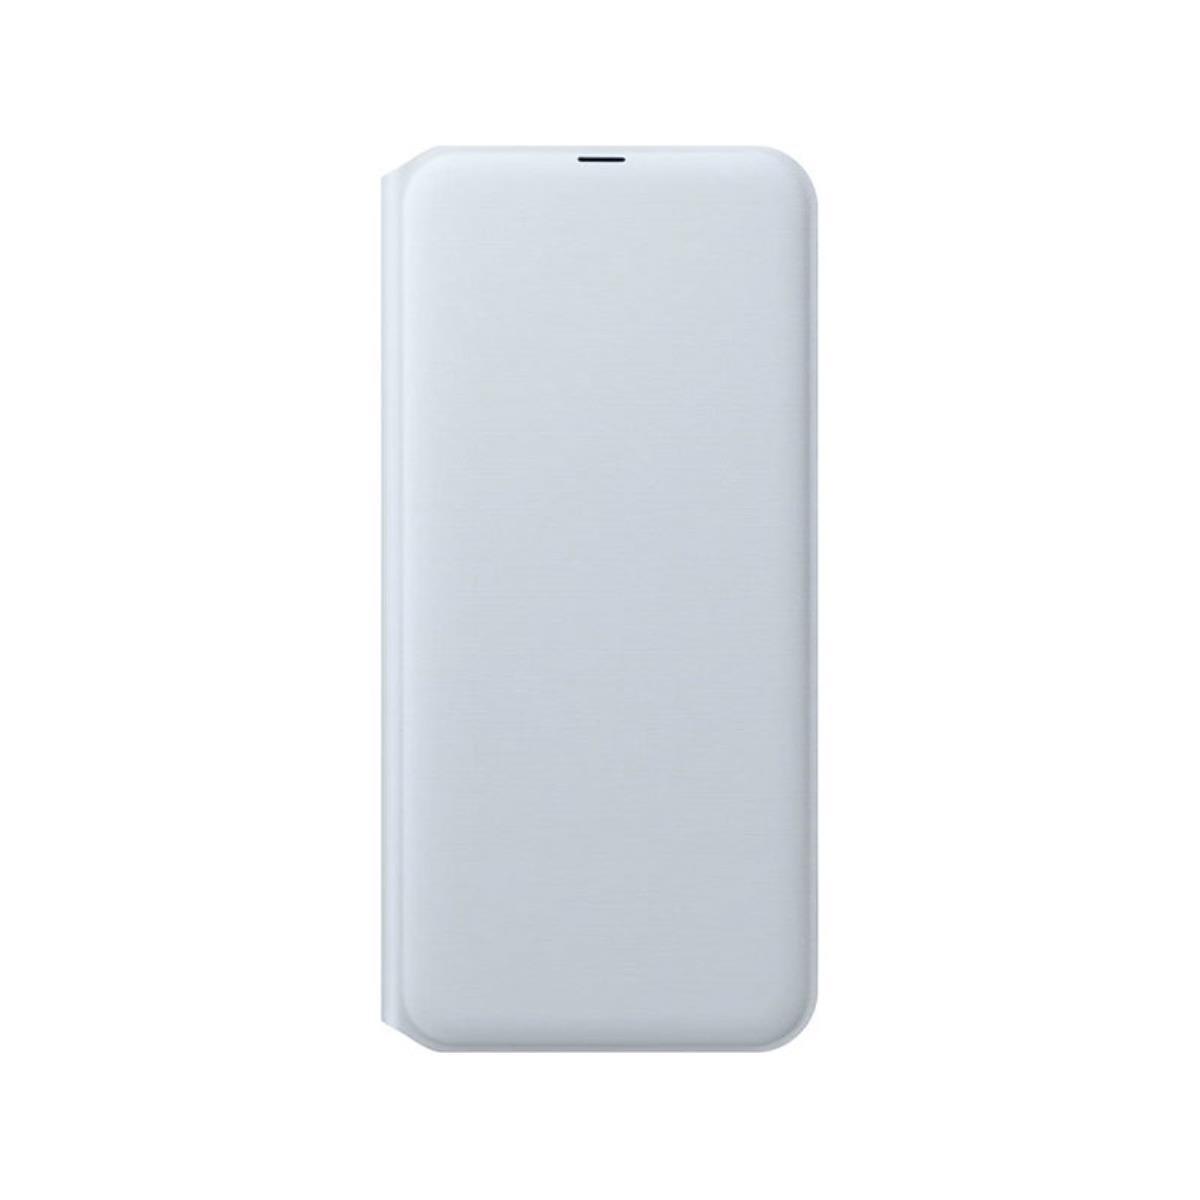 d30473afee6 Compre online Funda Flip Wallet Original Samsung Galaxy A50 Blanca  (EF-WA505PWE)